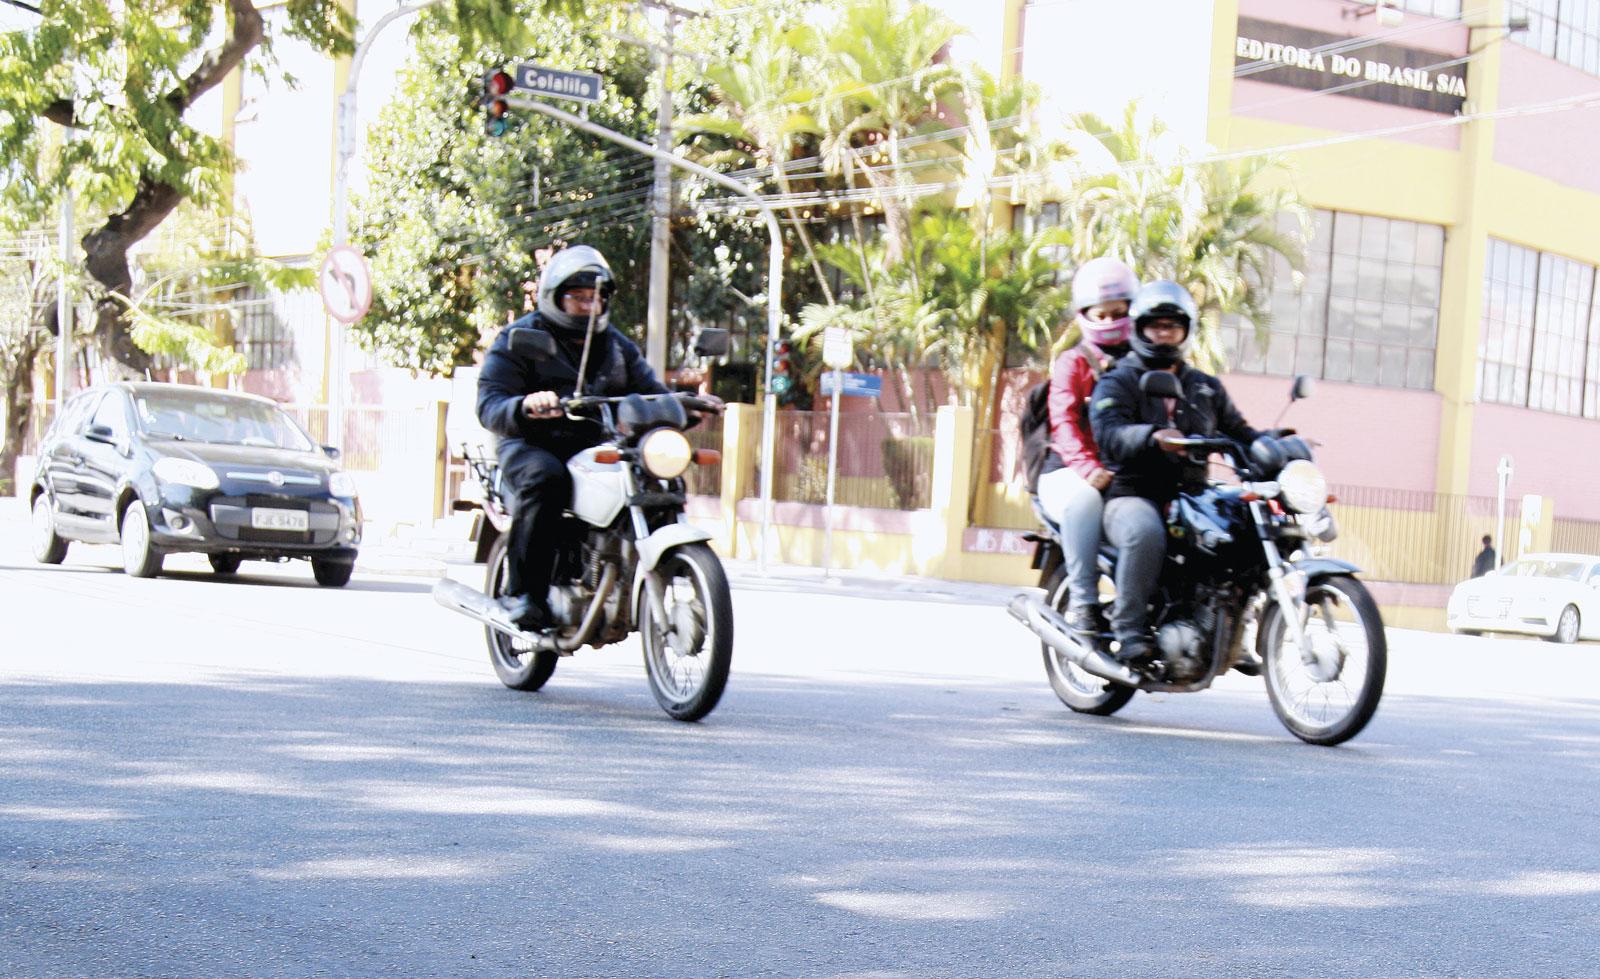 Periculosidade dos motociclistas